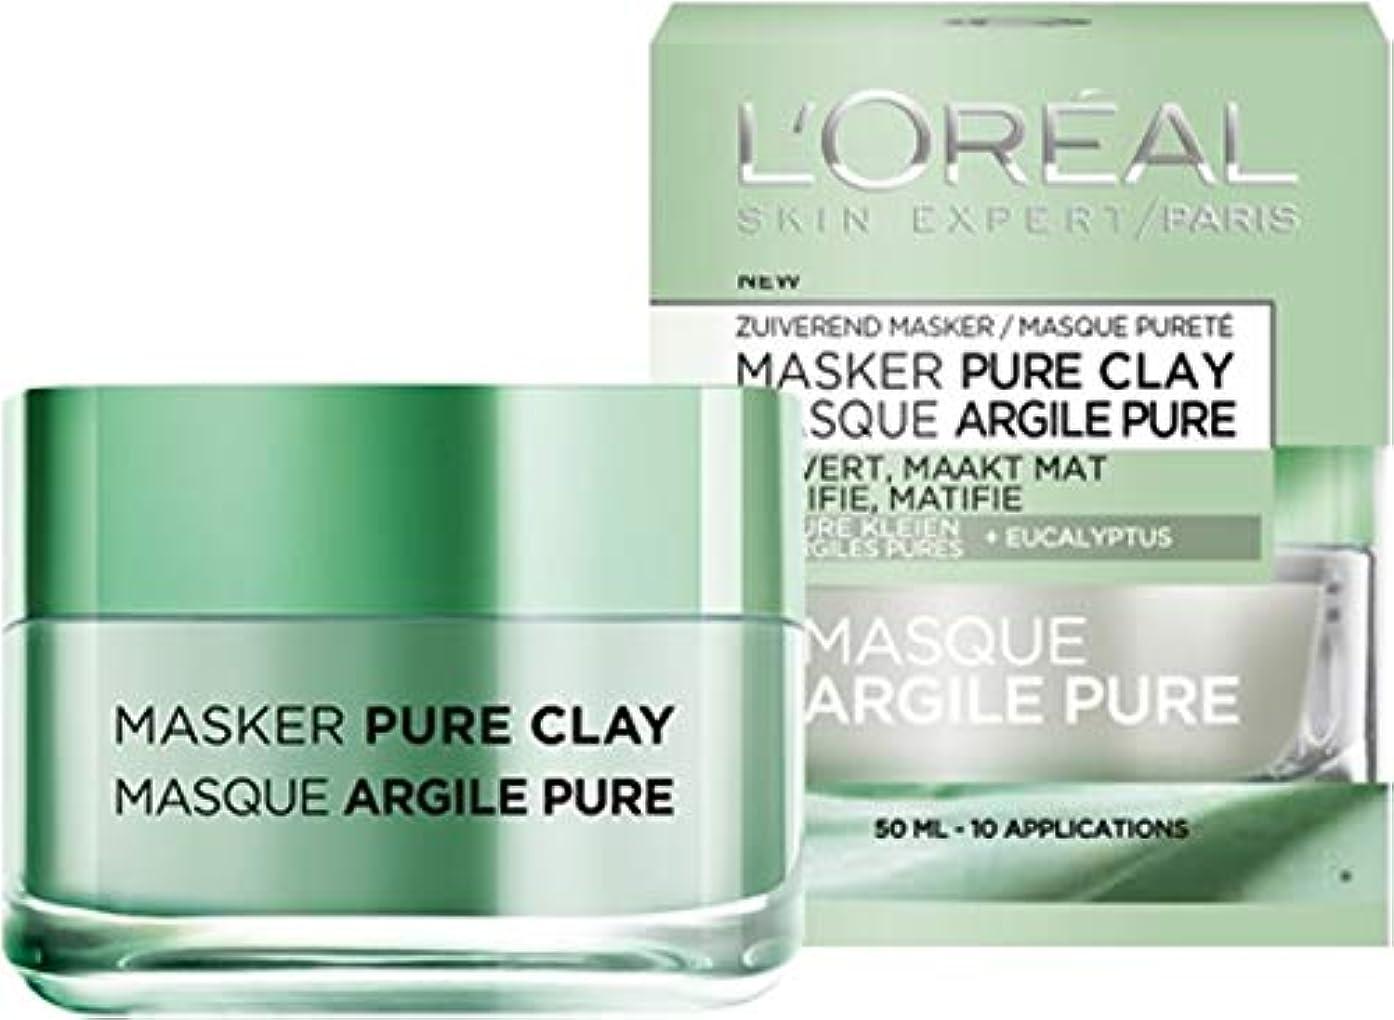 終点比喩引退したロレアル Skin Expert Pure Clay Mask - Purify & Mattify 50ml/1.7oz並行輸入品